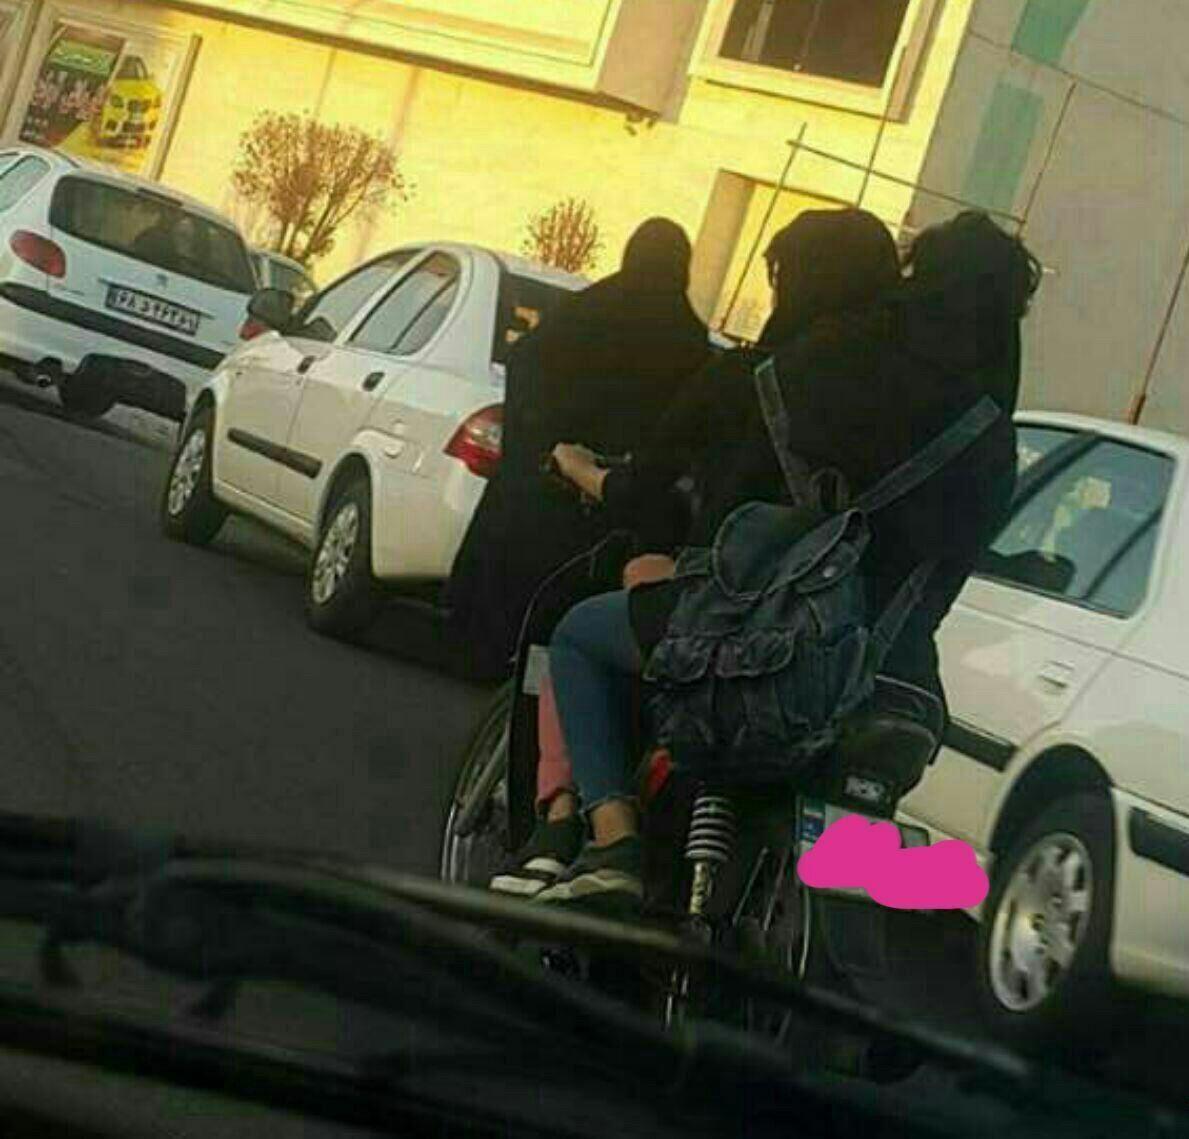 پلیس: با 2 دختر هنجارشکن موتورسوار برخورد کردیم (+عکس)